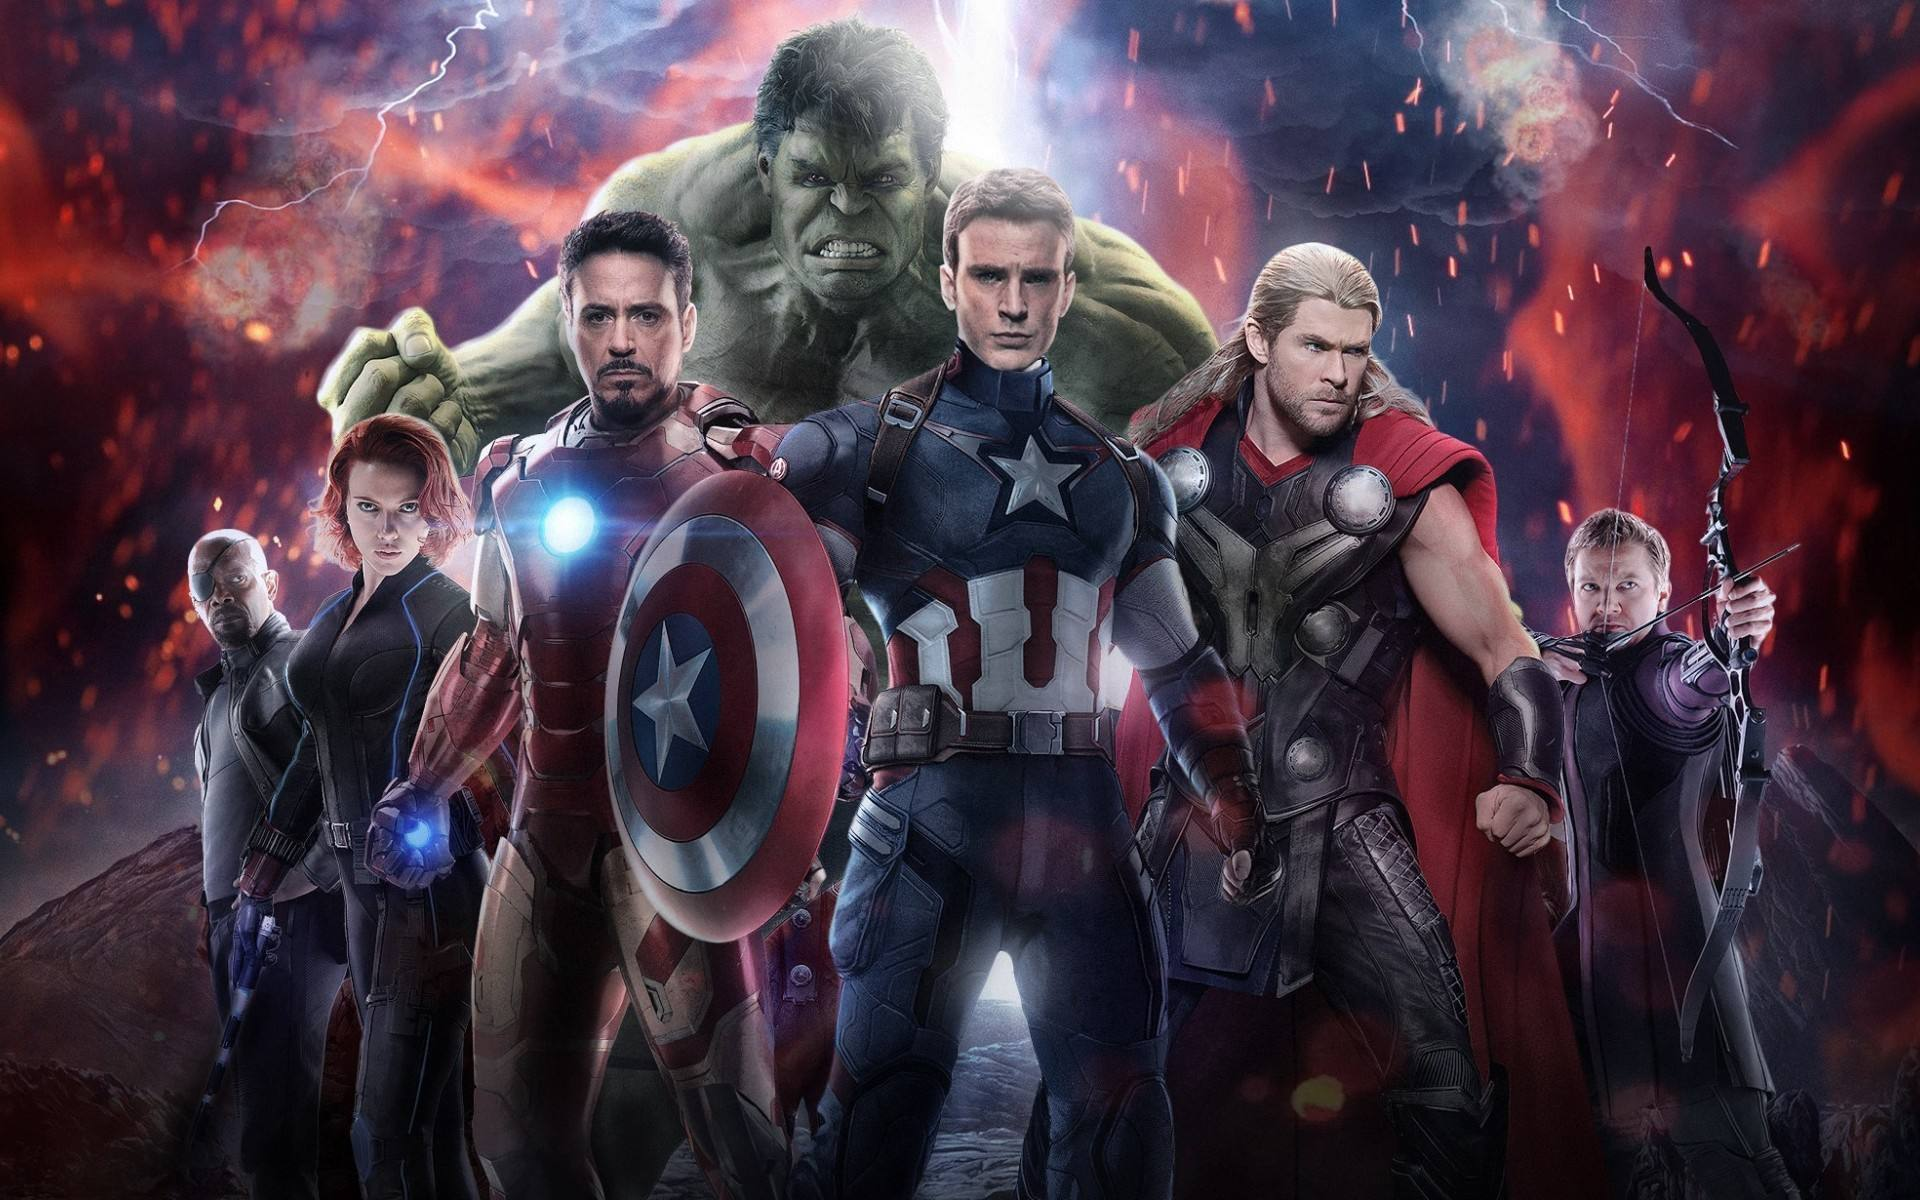 钢铁侠的小罗伯特·唐尼在接受采访的时候表示《复联3》应该会是托尼